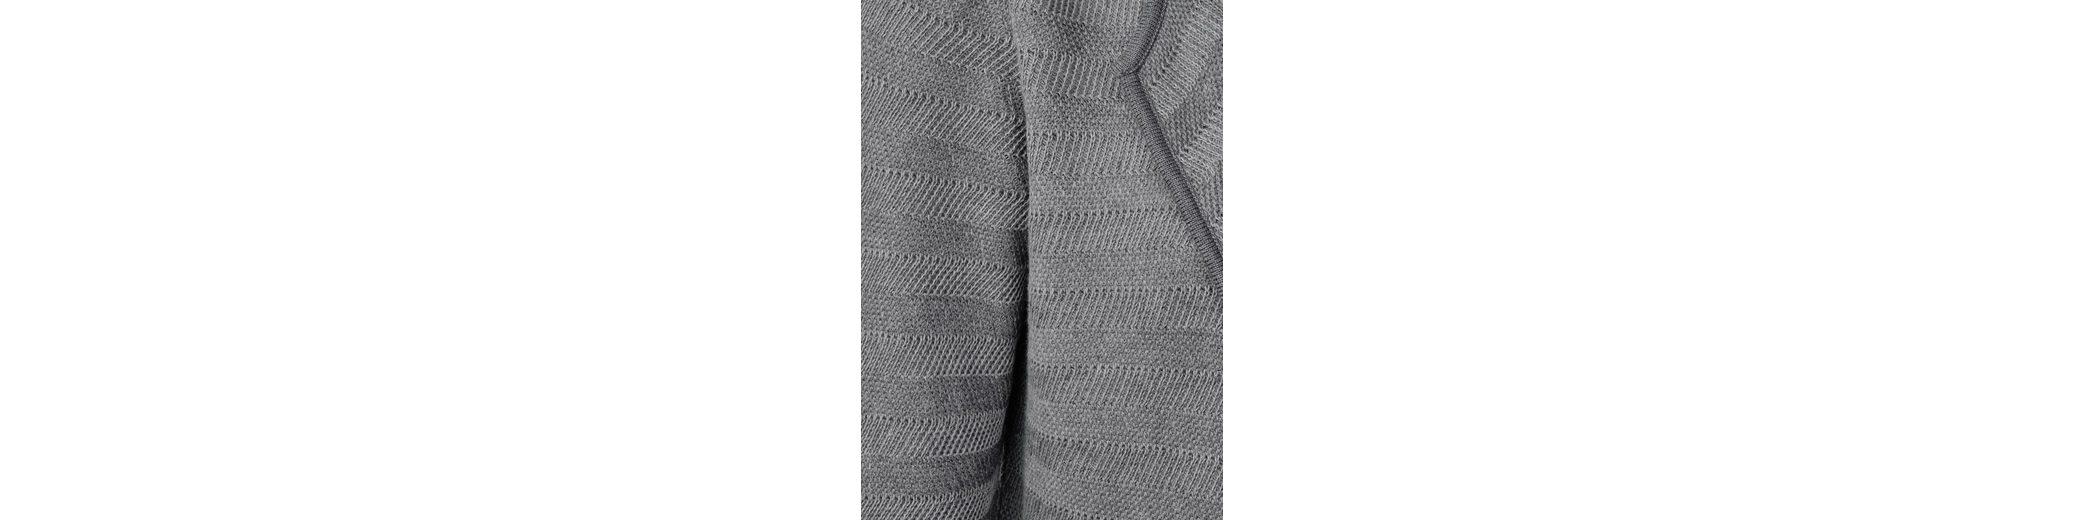 Spielraum Shop Online-Verkauf Freies Verschiffen Nagelneues Unisex CECIL Strukturmix Open Cardigan Billig Neueste Rabatt Kosten 2018 Unisex Zum Verkauf z93lE08